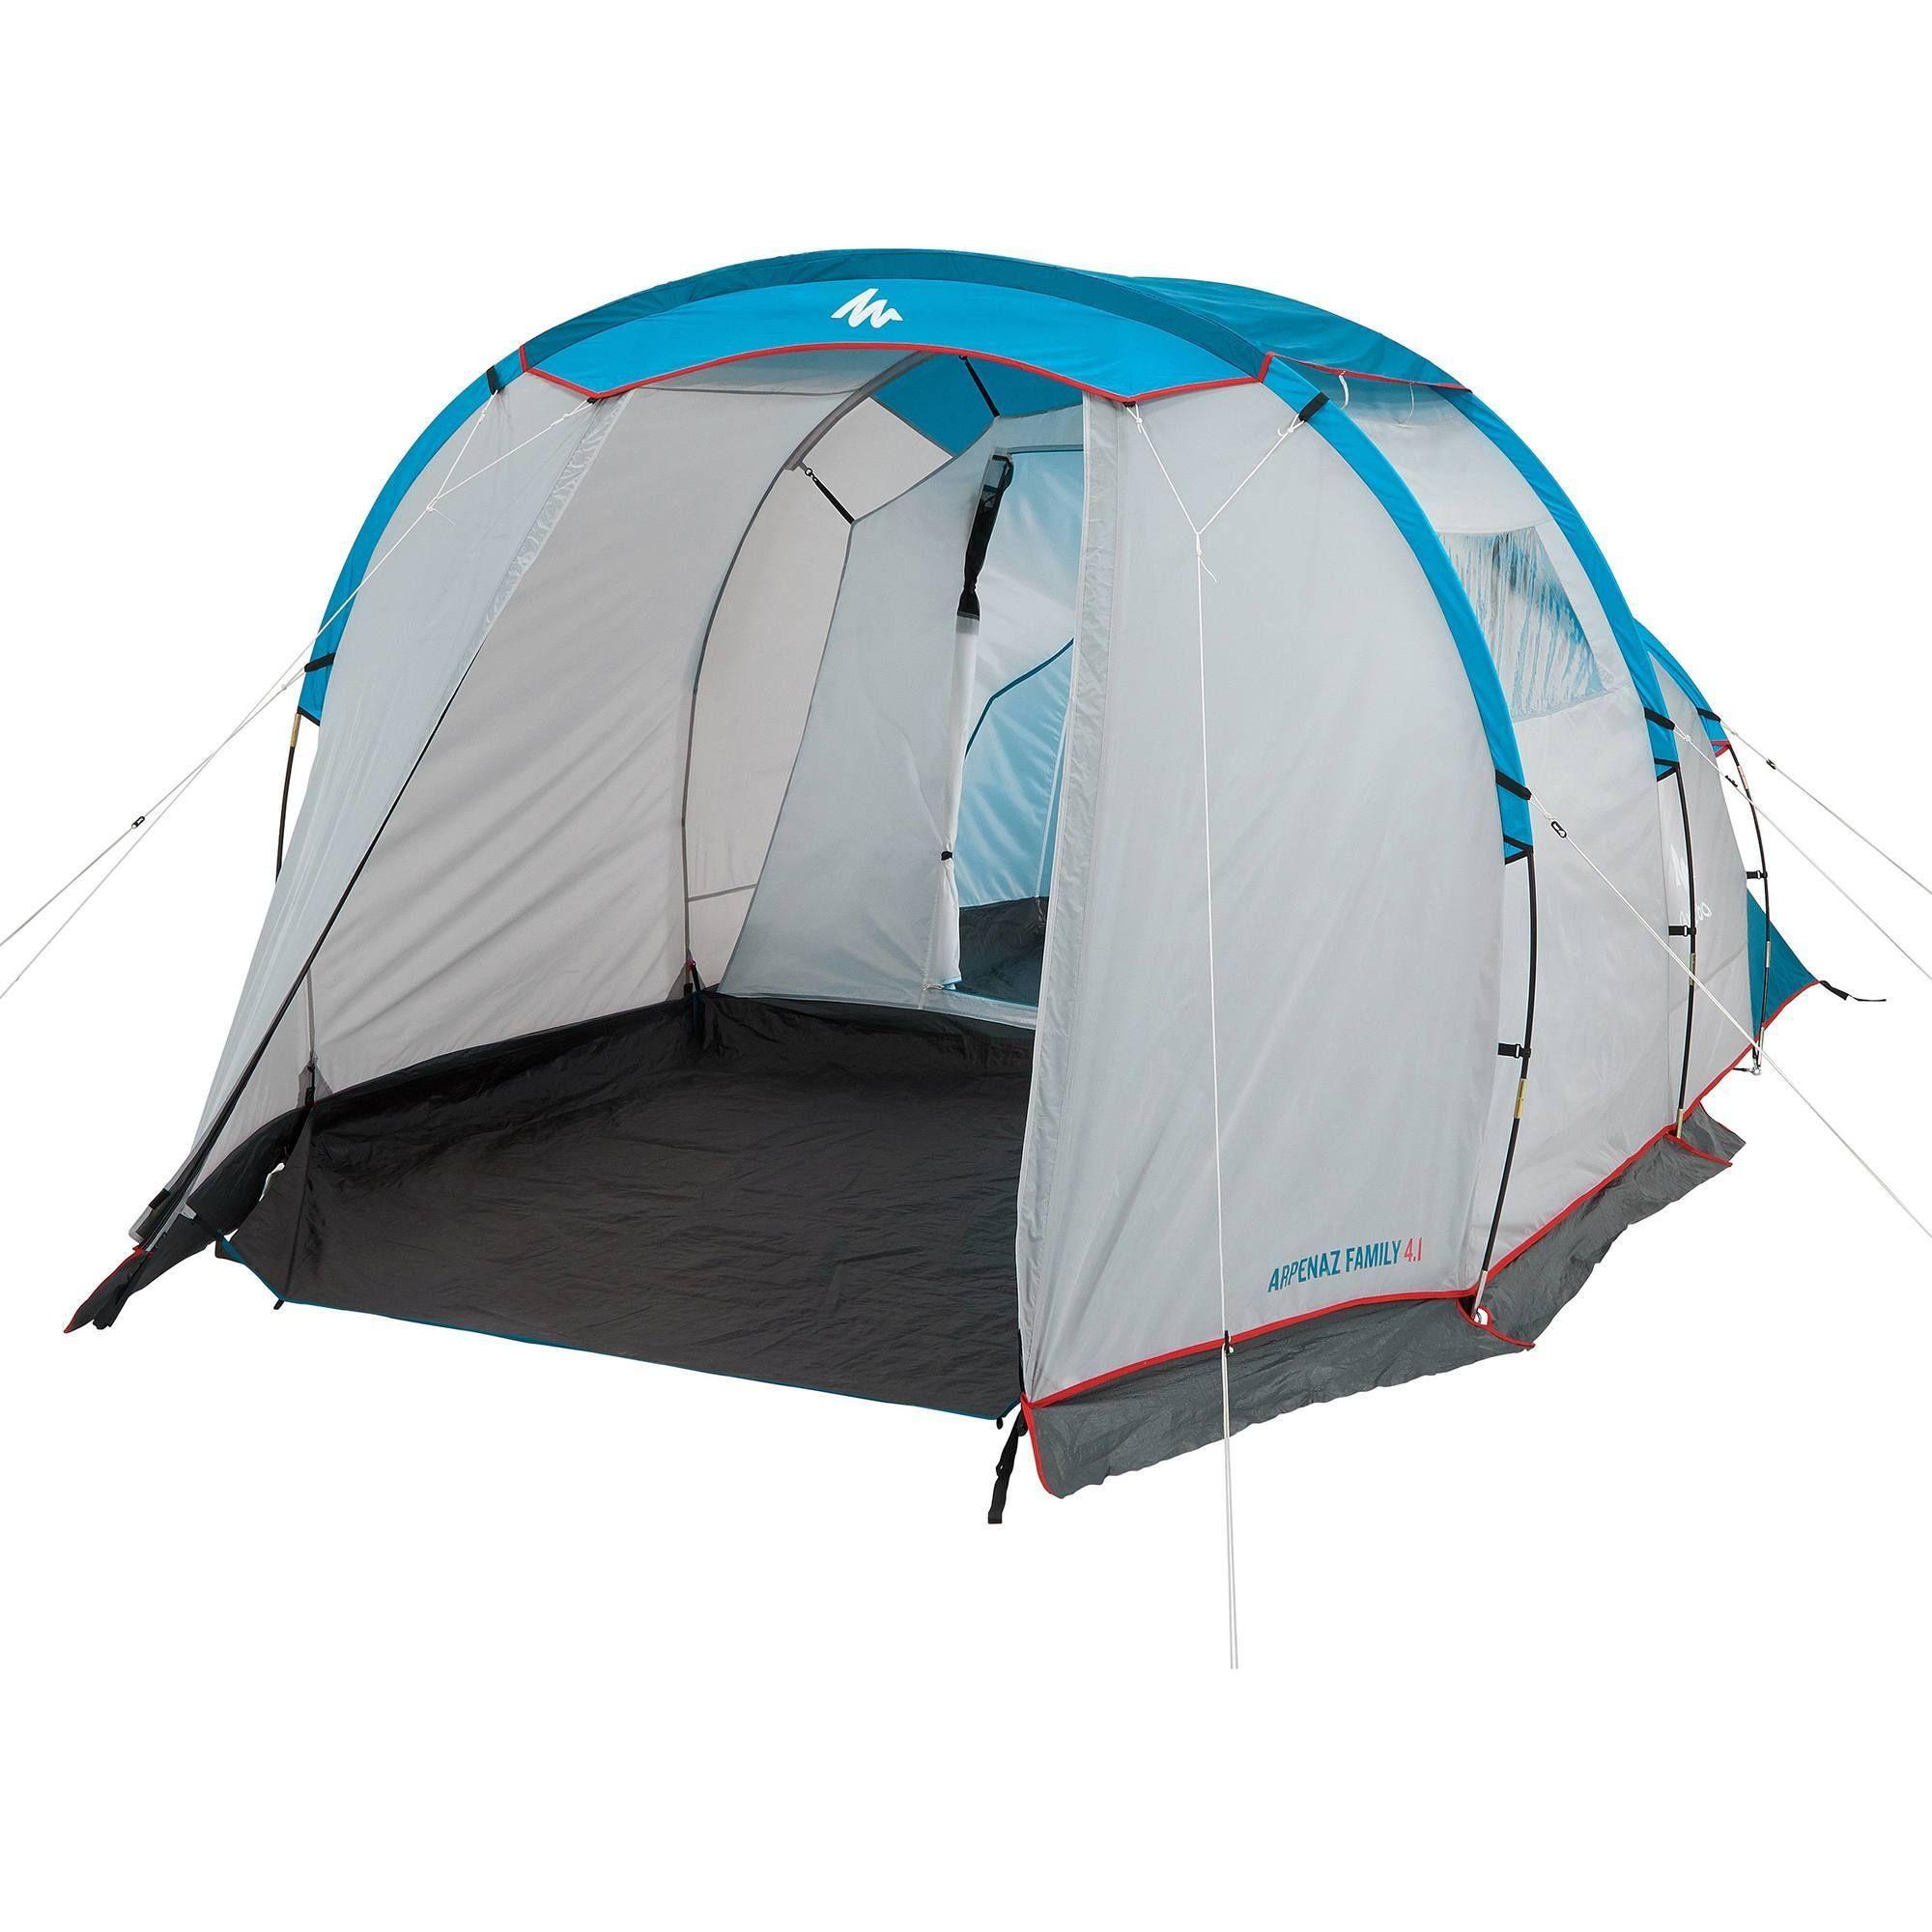 Kampeertent Met Bogen Voor 4 Personen Arpenaz 4 1 Met 1 Slaapcompartiment Kamperen Tent Kamperen Met De Tent